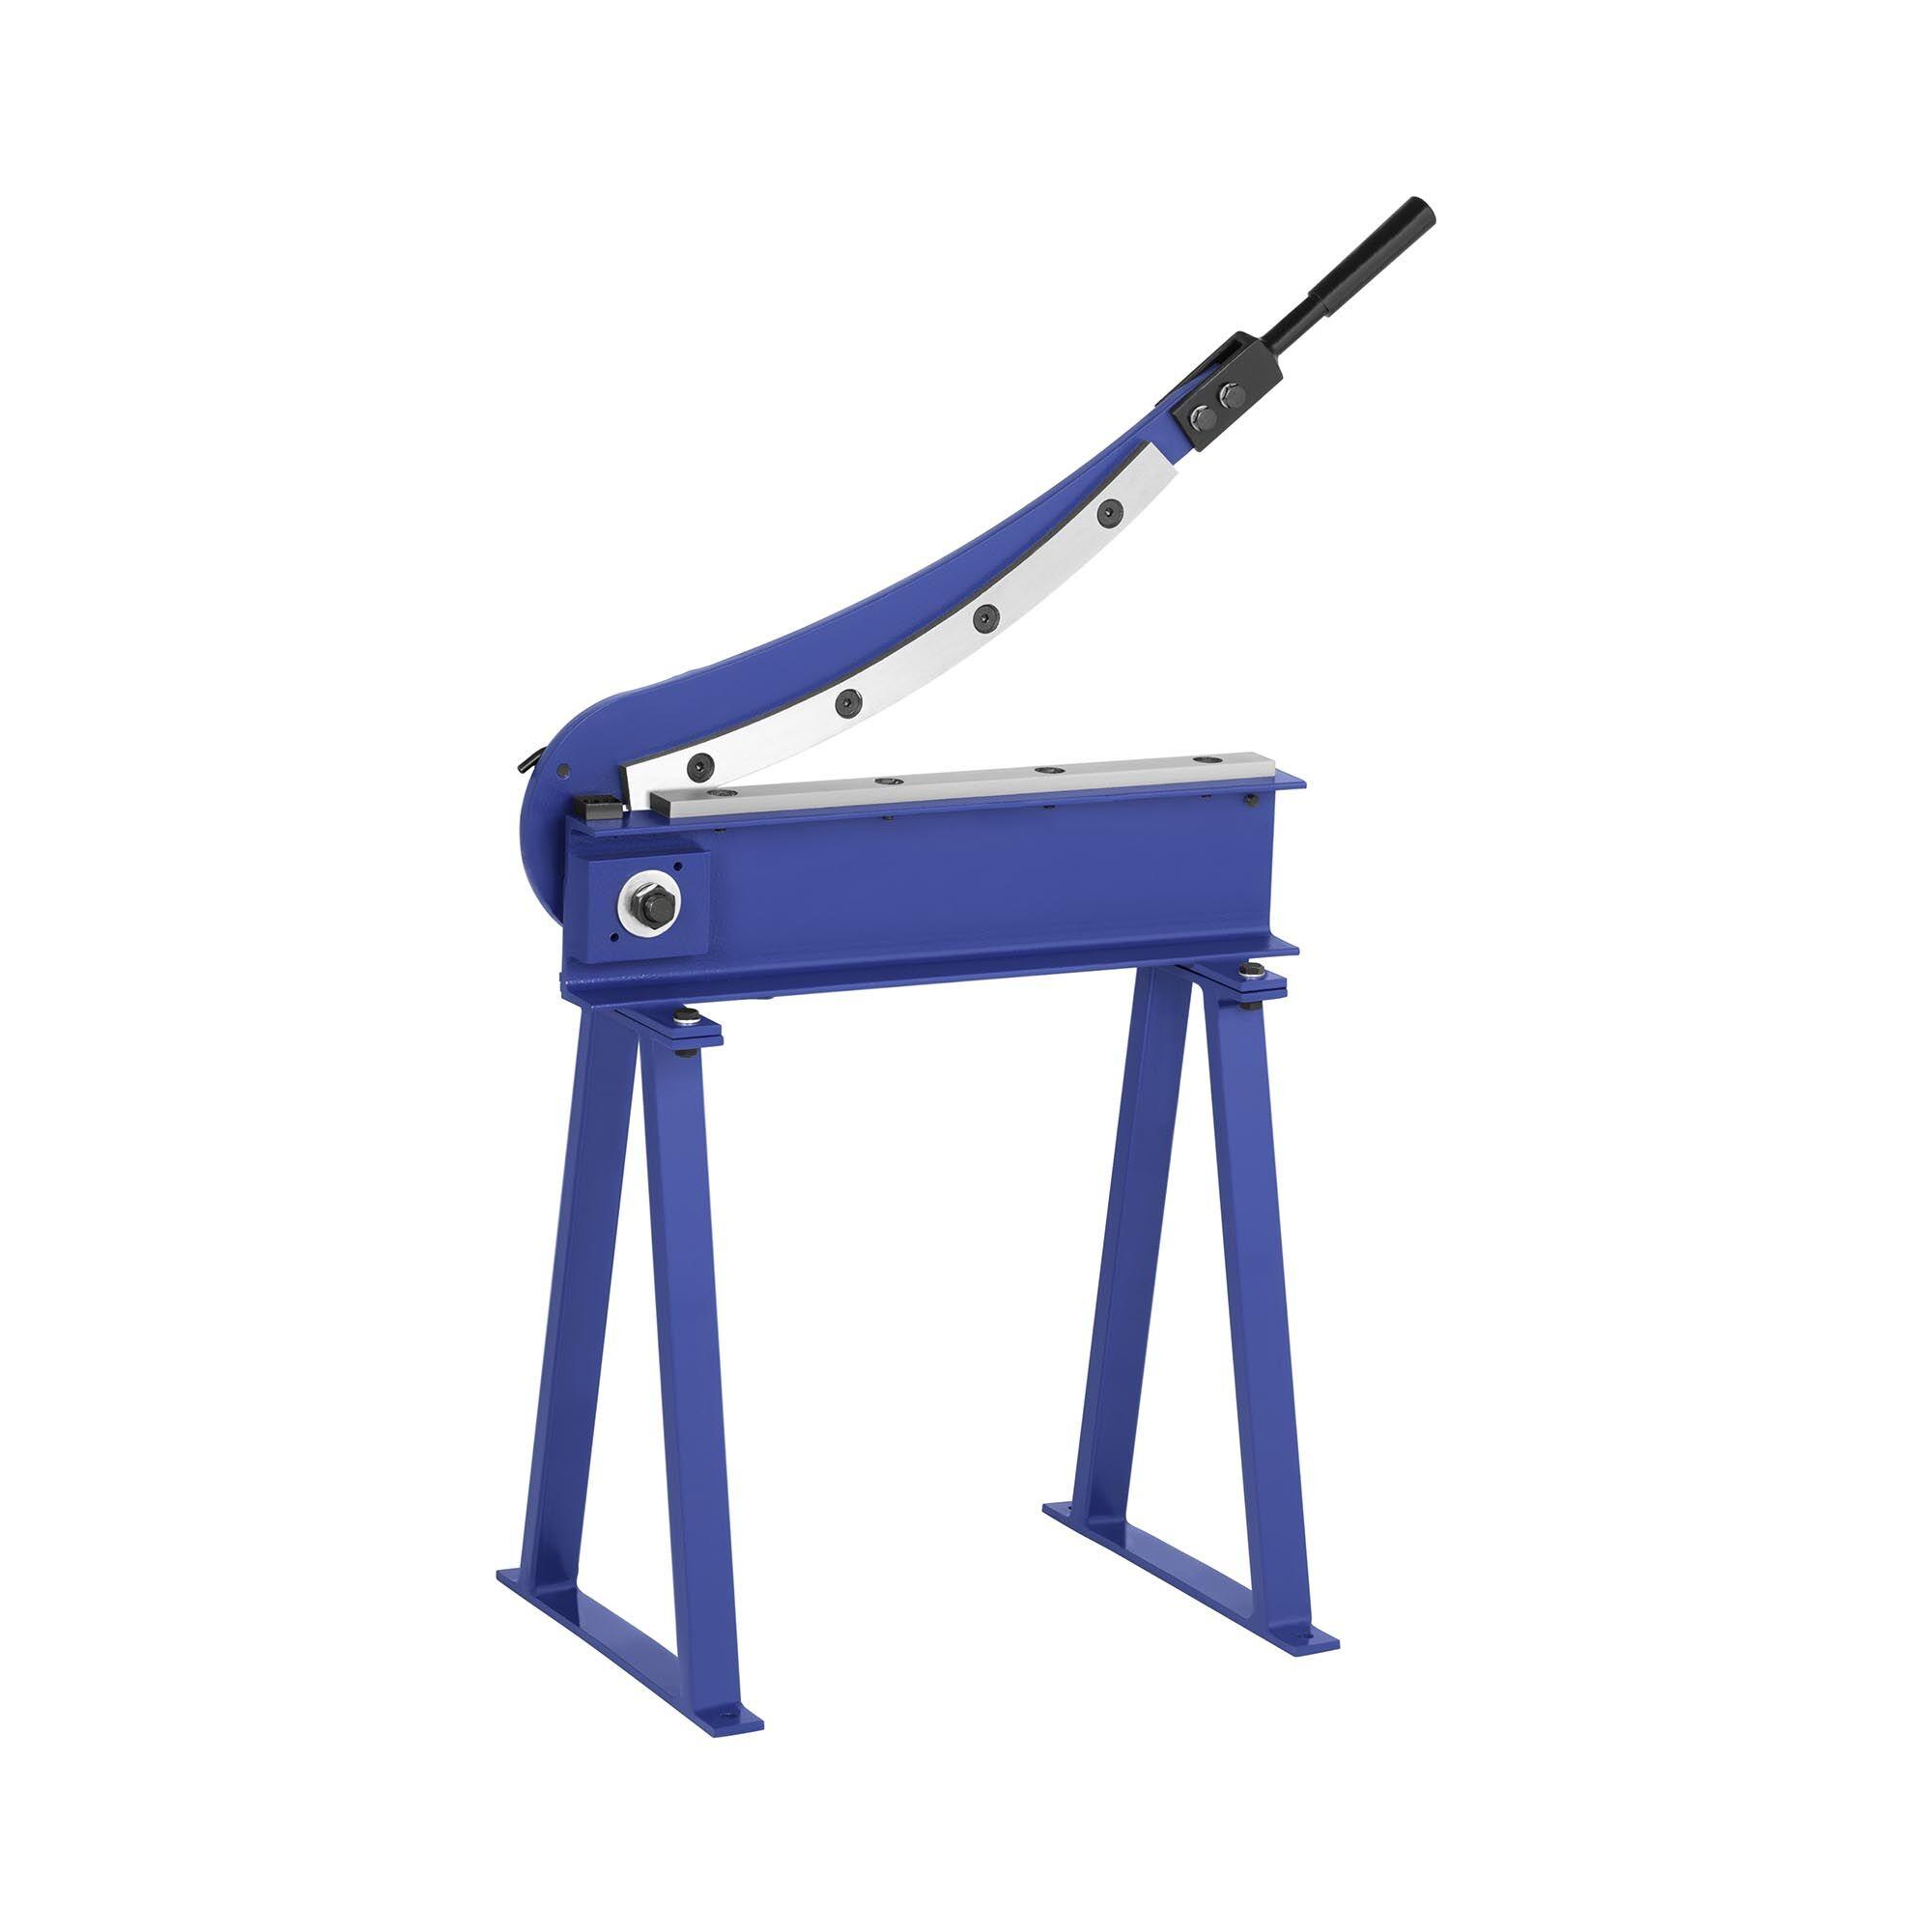 MSW Metallplateklipper - 500 mm snittlengde - inkl. stativ